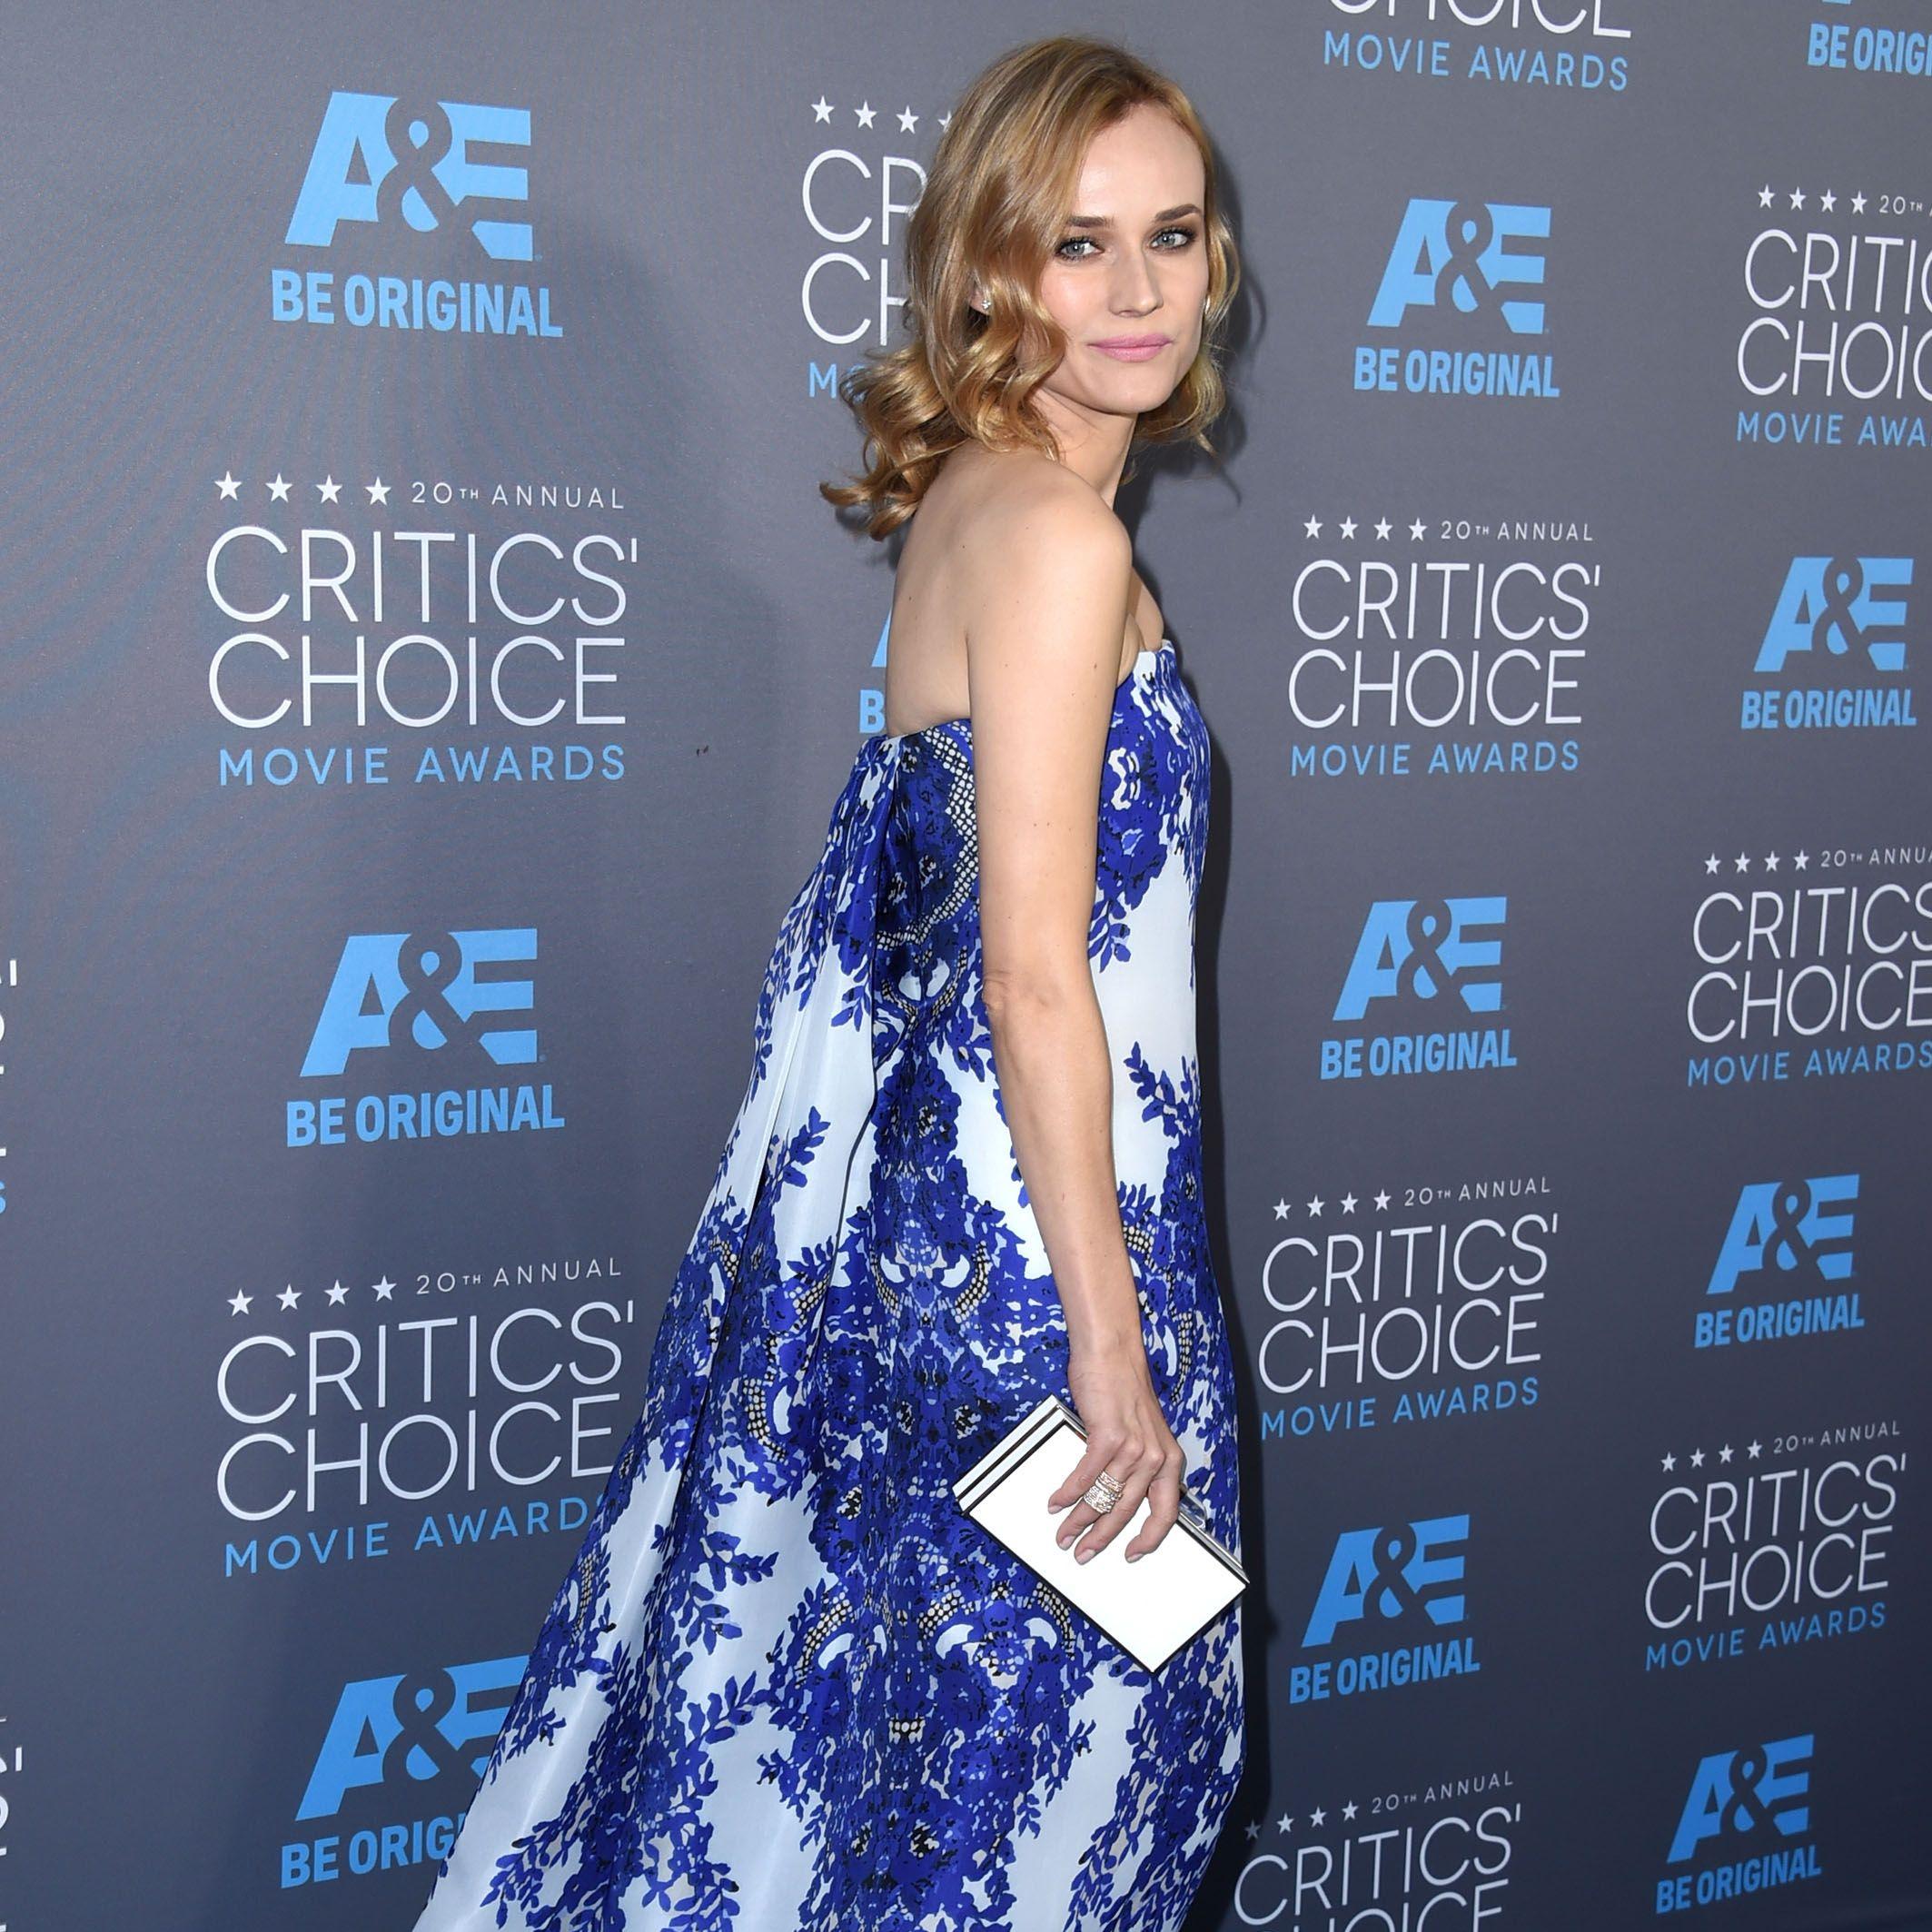 Diane Kruger at the 2015 Critics Choice Awards